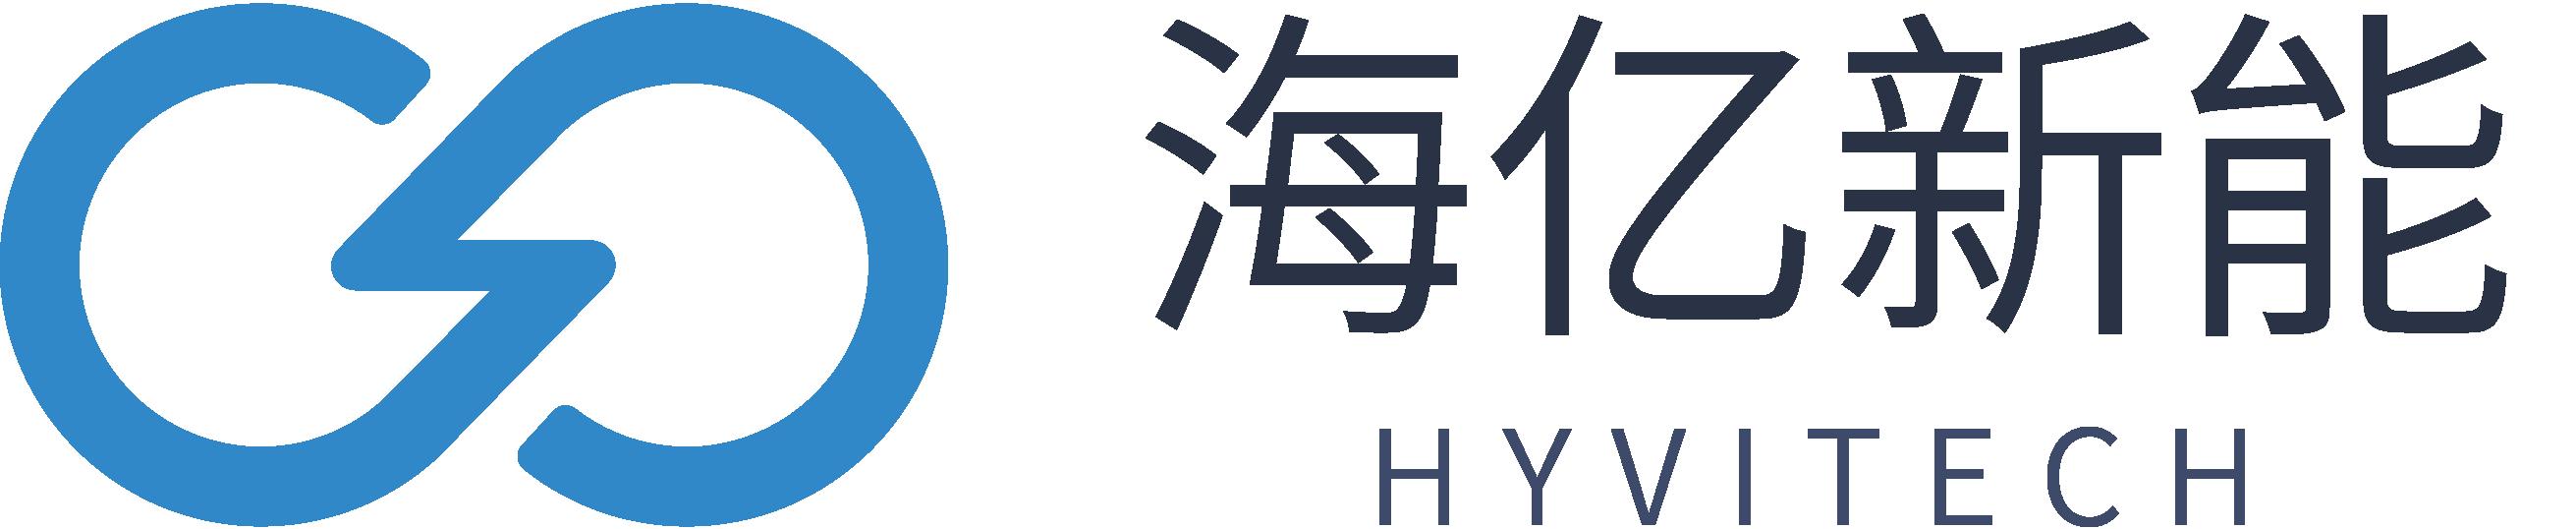 20171020海亿新能logo源文件【定稿】_logo2